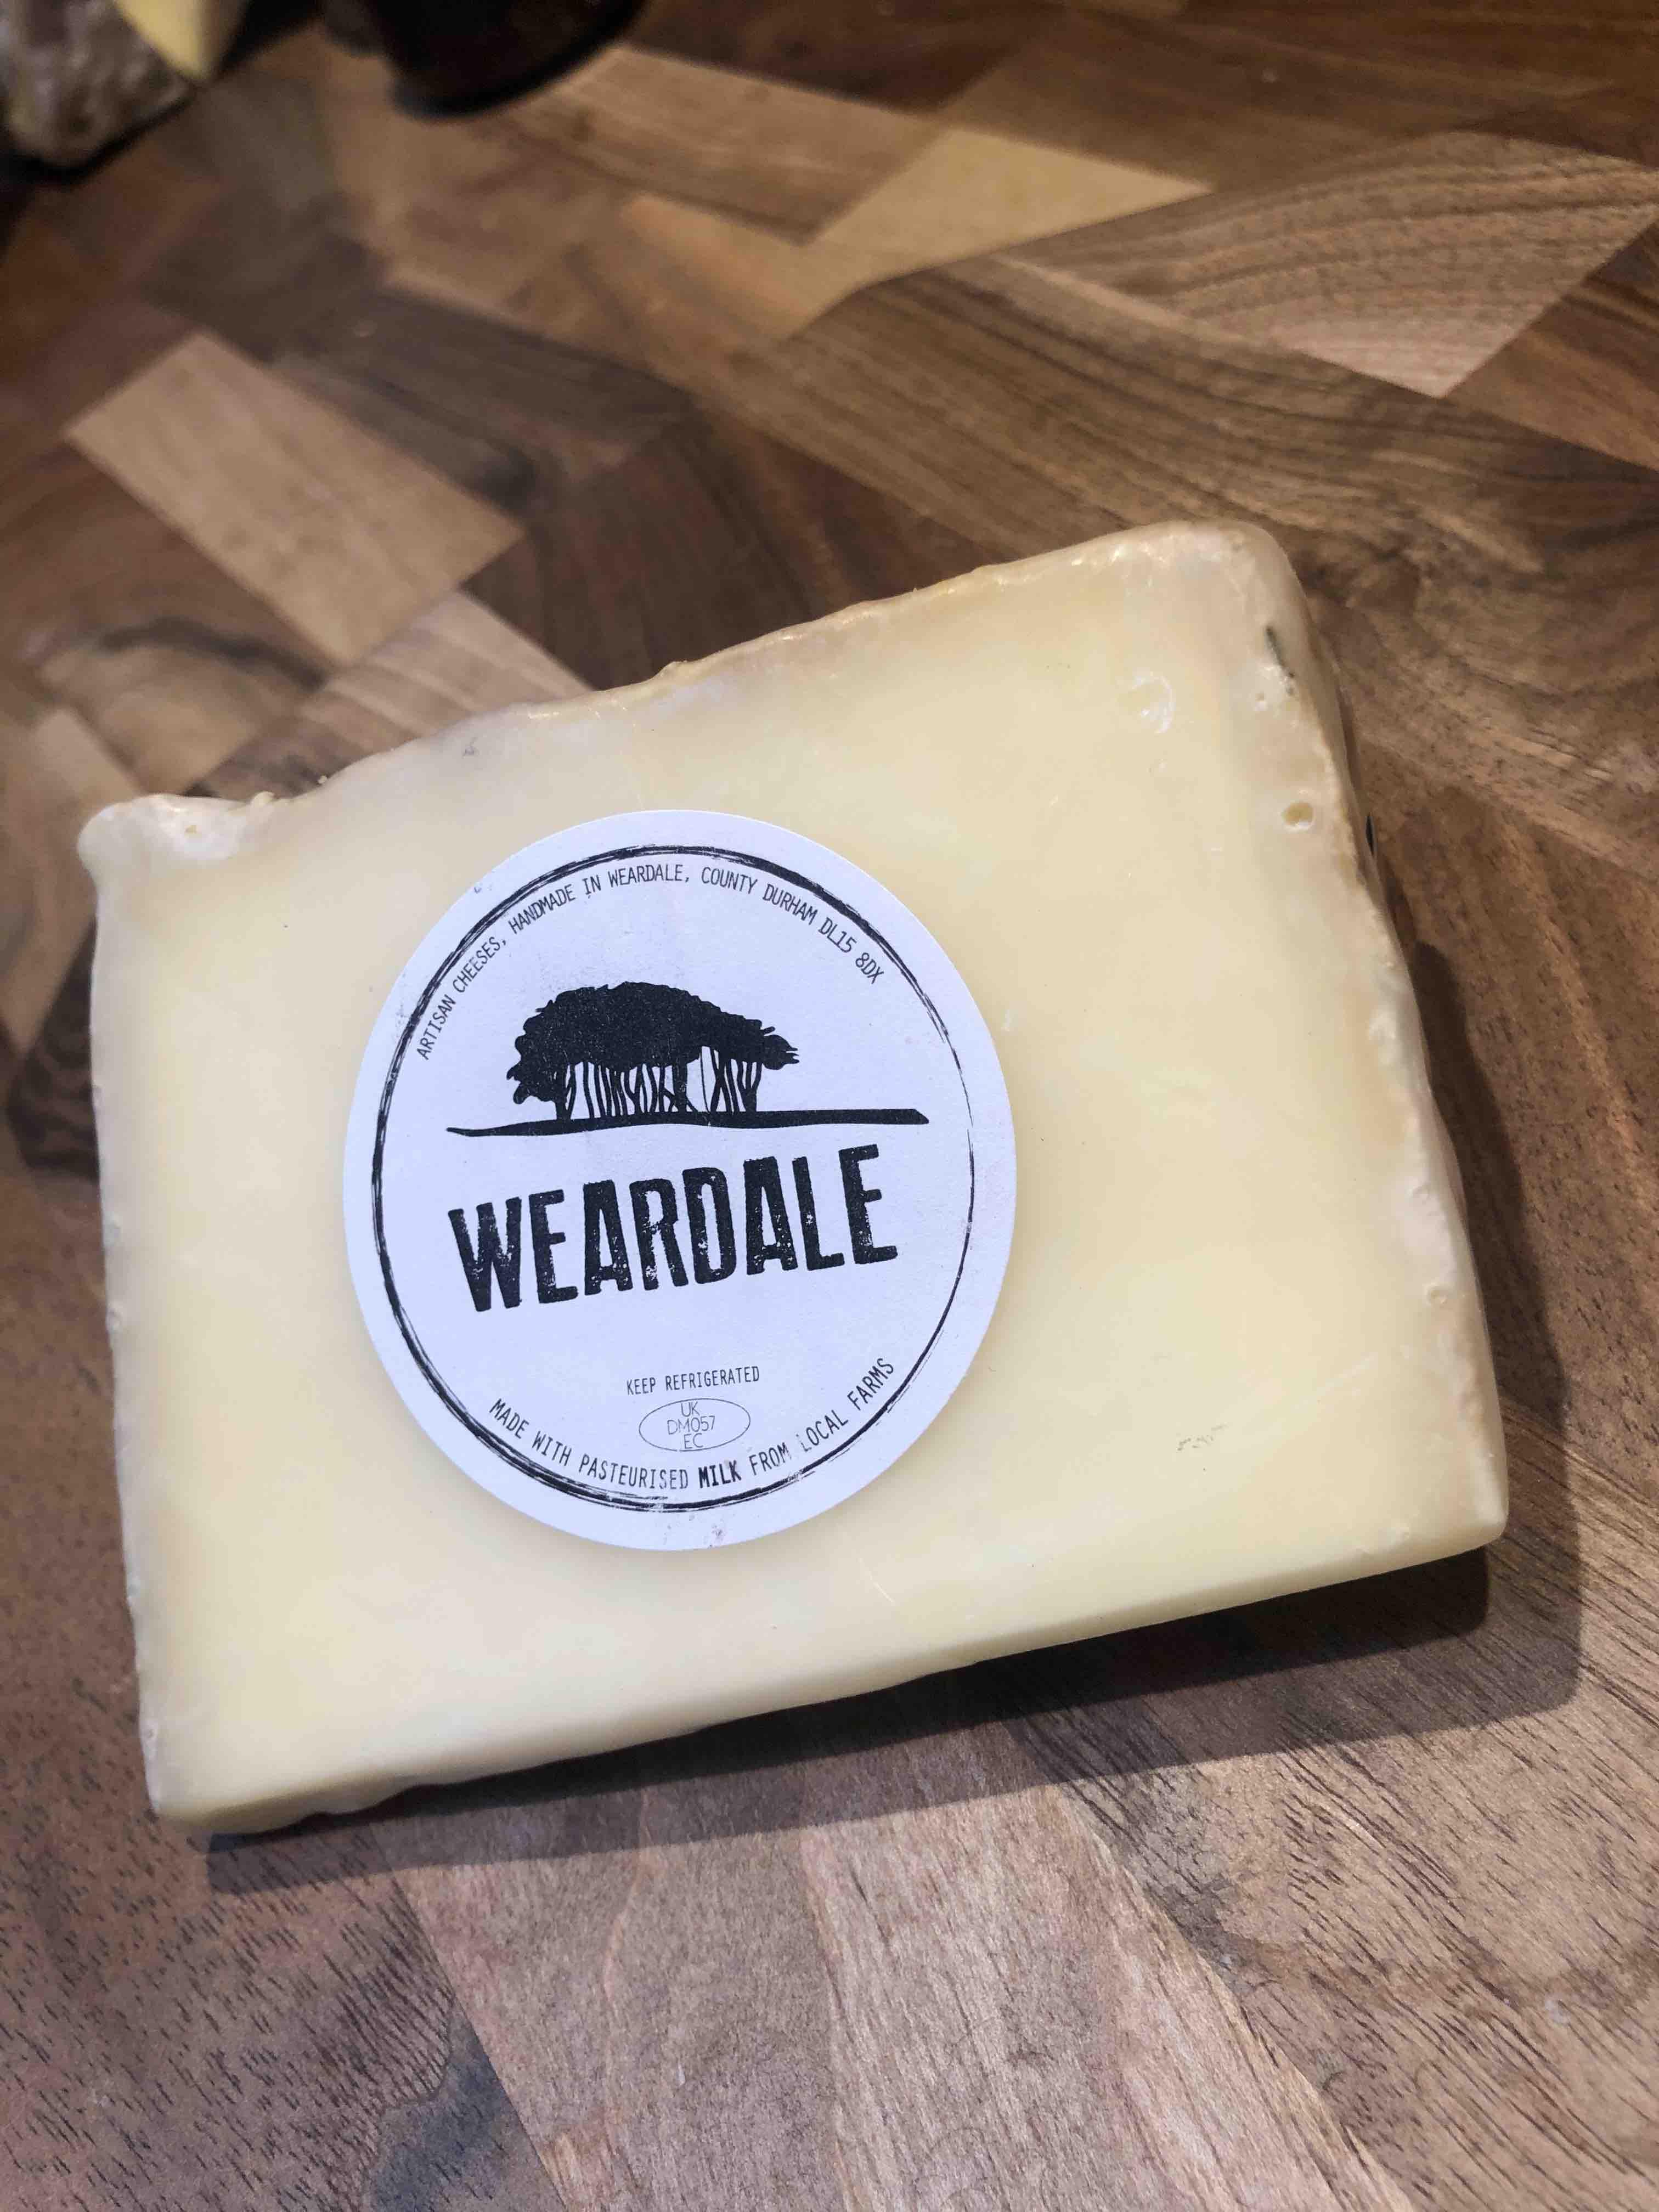 Weardale Cheese 'Weardale'(160g)